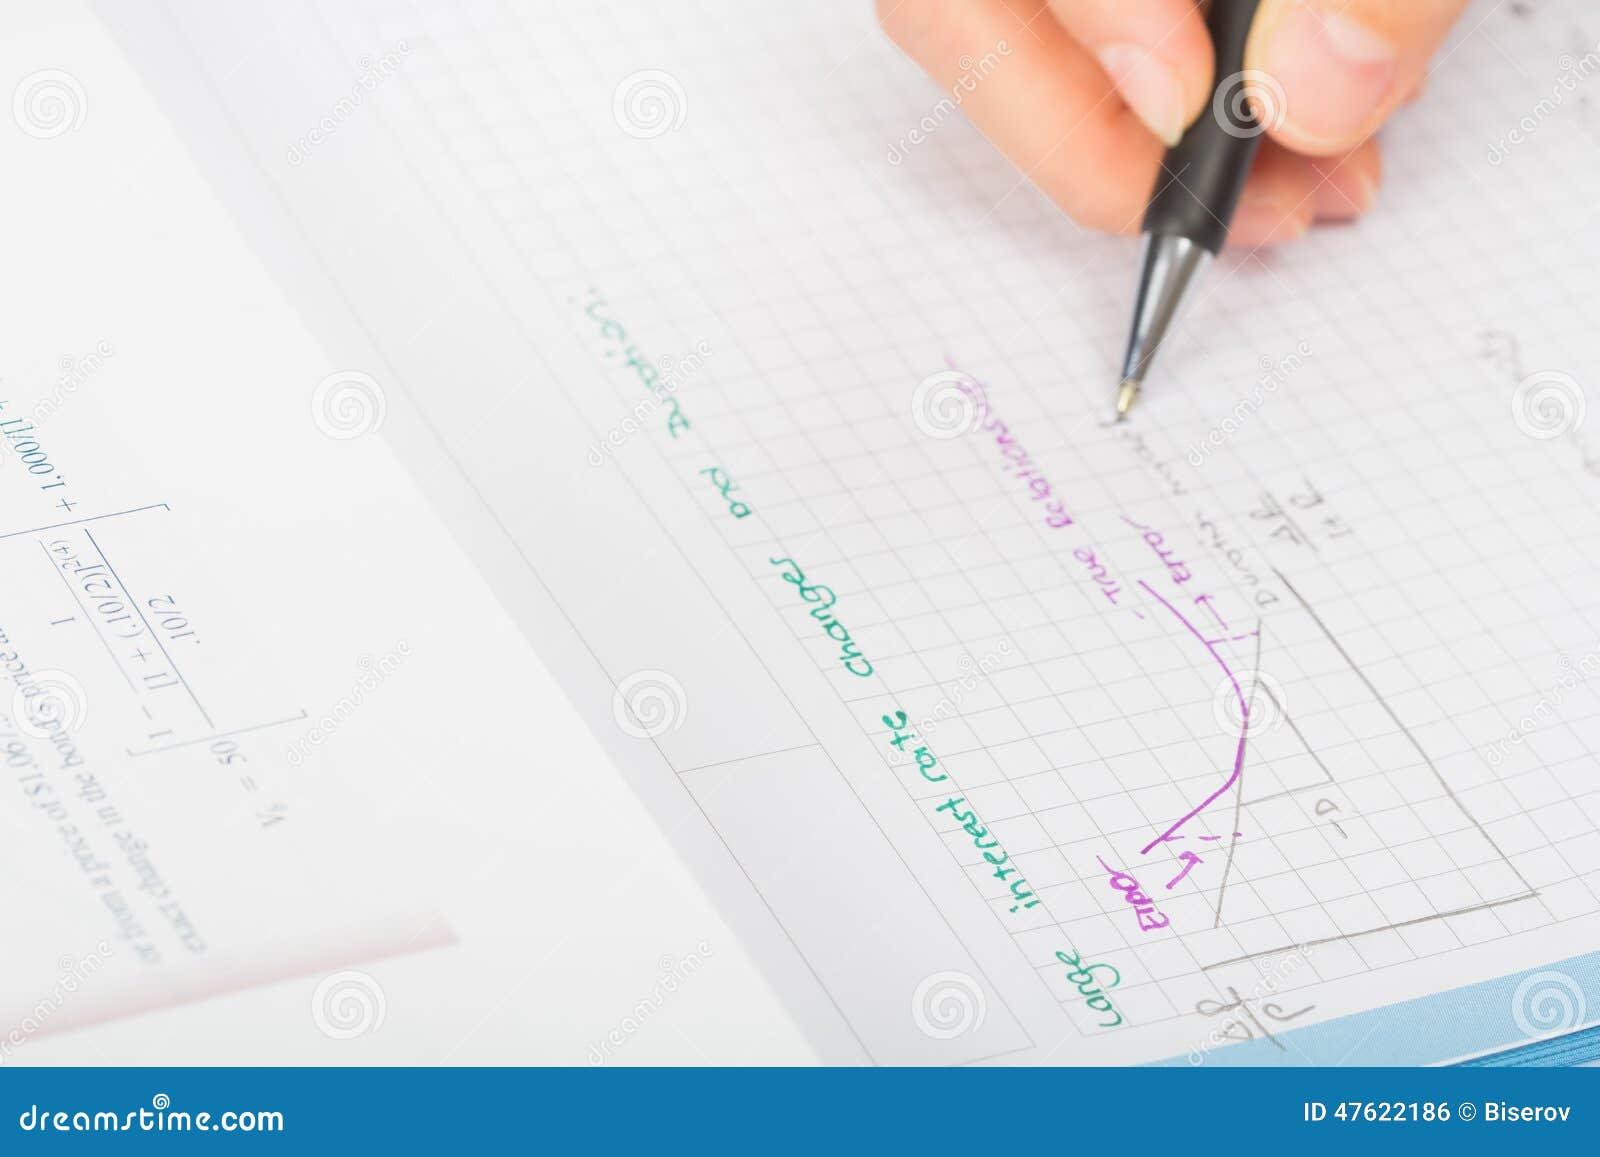 Les mains de la femme un stylo, comptabilité de relevé de compte financier